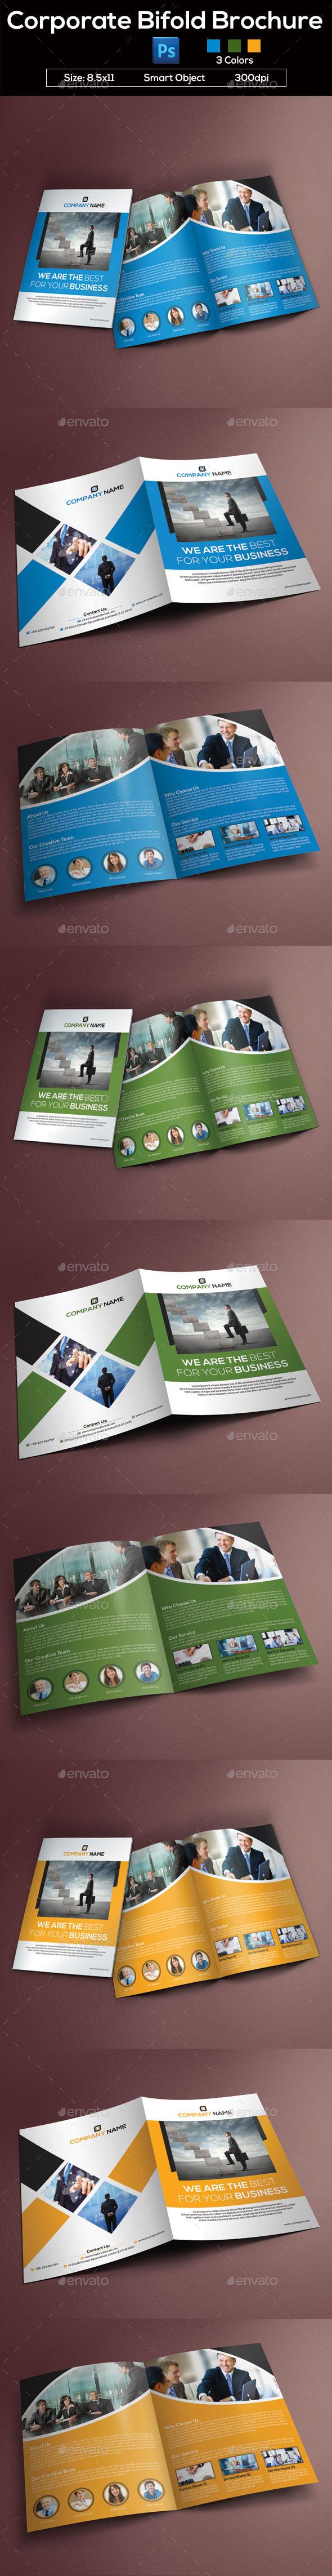 GraphicRiver Corporate Bifold Brochure 8839317